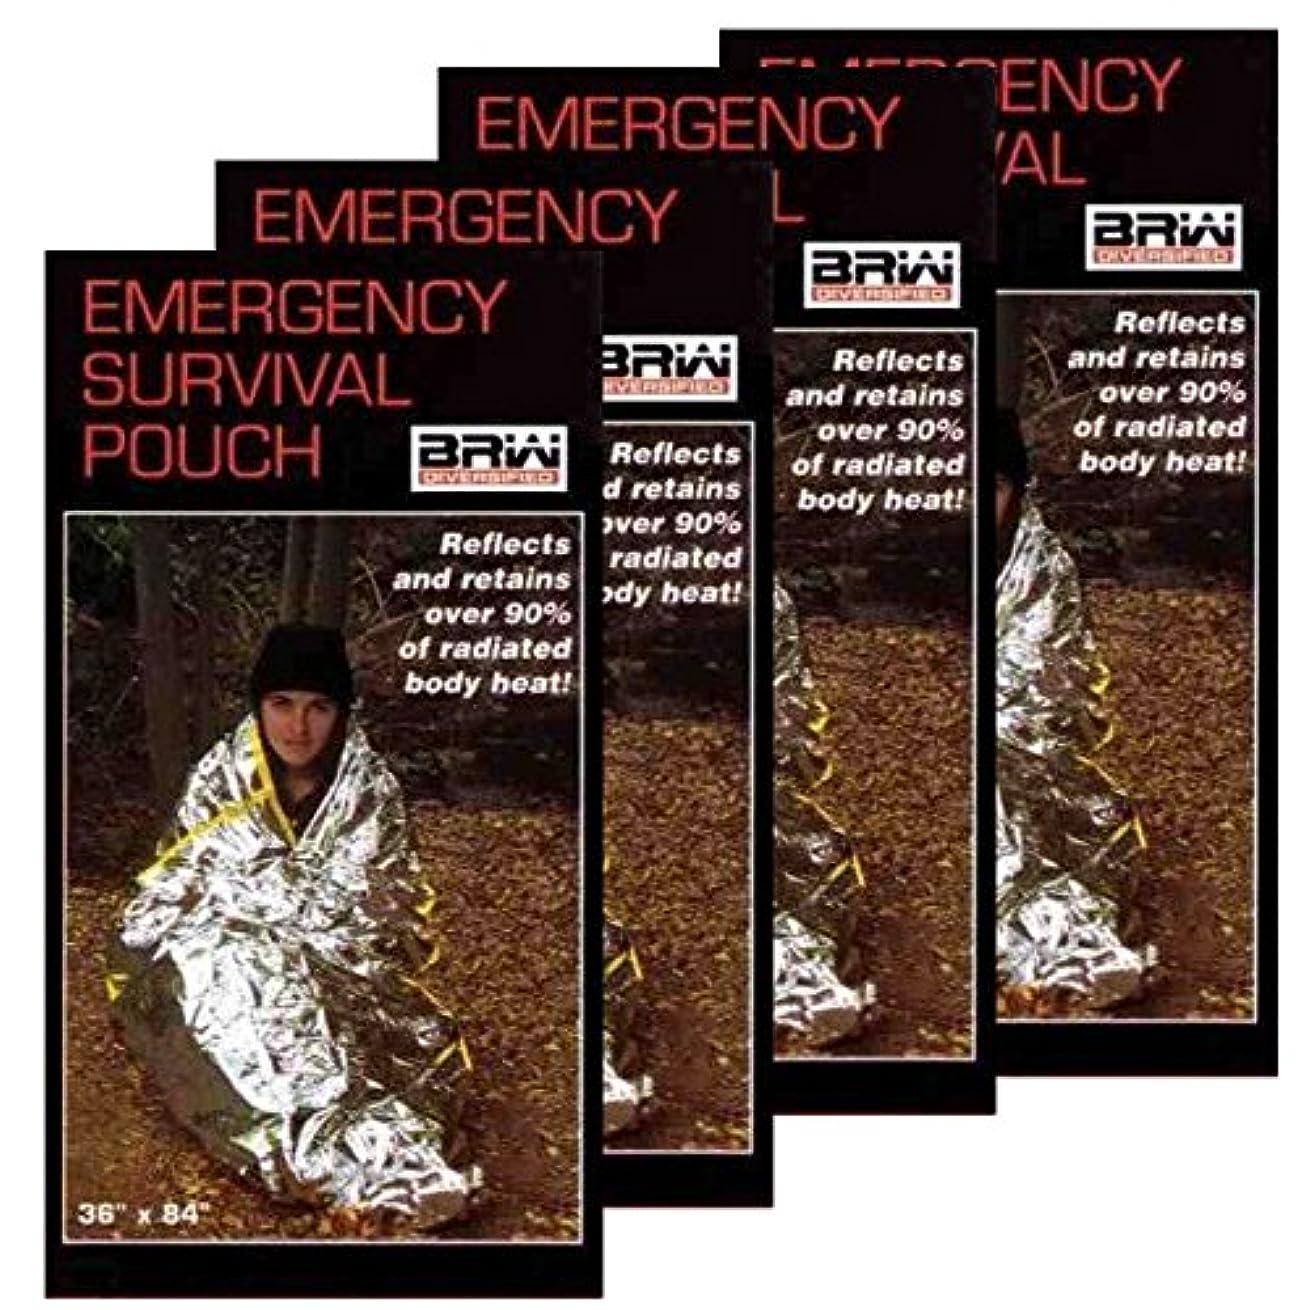 ポータブルと組む美徳Emergency Mylar Survival Sleeping Bags - Bags. SSB-4 by BRW